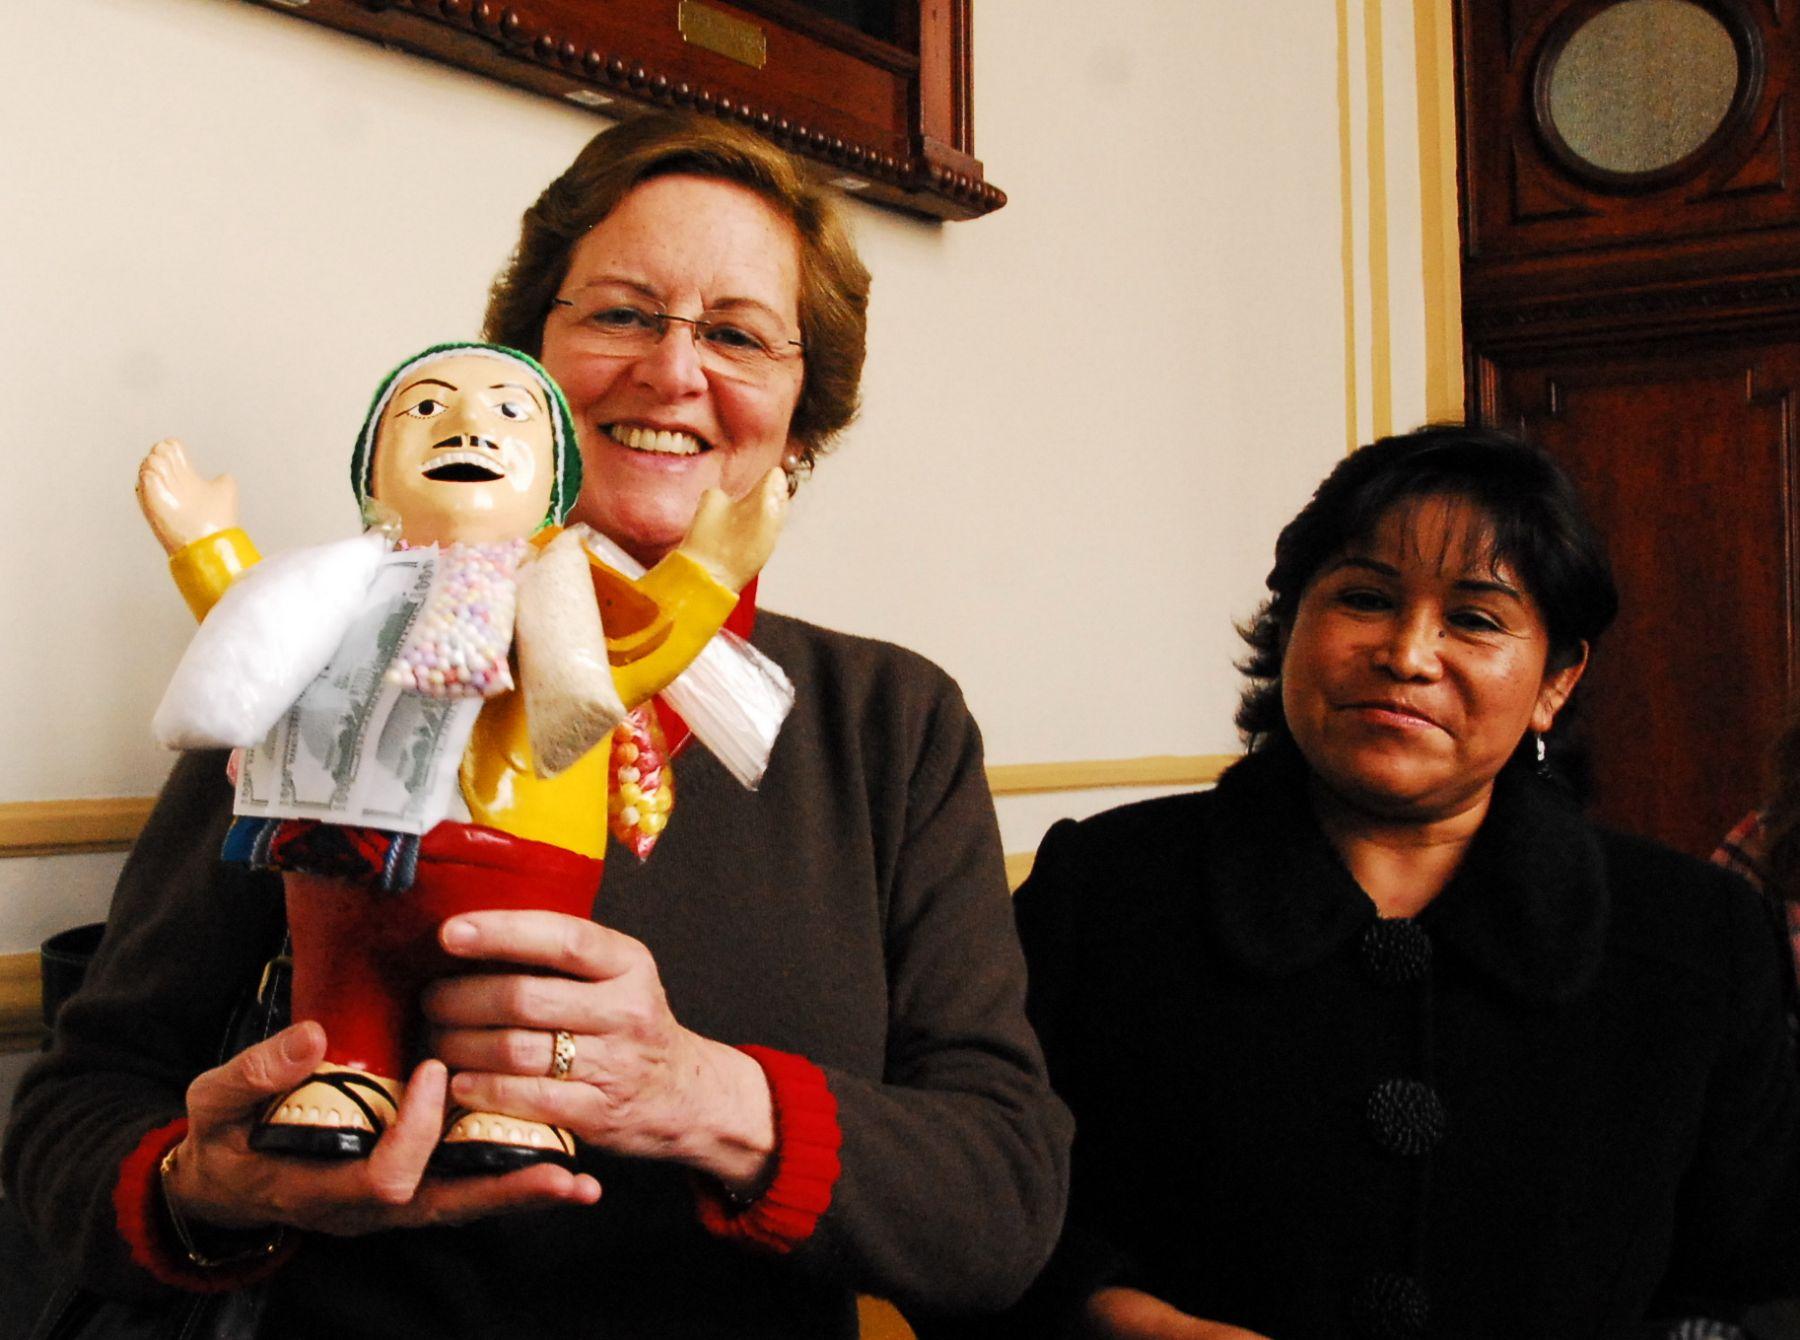 La directora del Instituto Nacional de Cultura (INC), Cecilia Bákula Bunge, aseguró hoy que el ekeko es una manifestación popular propia de toda la zona del altiplano.